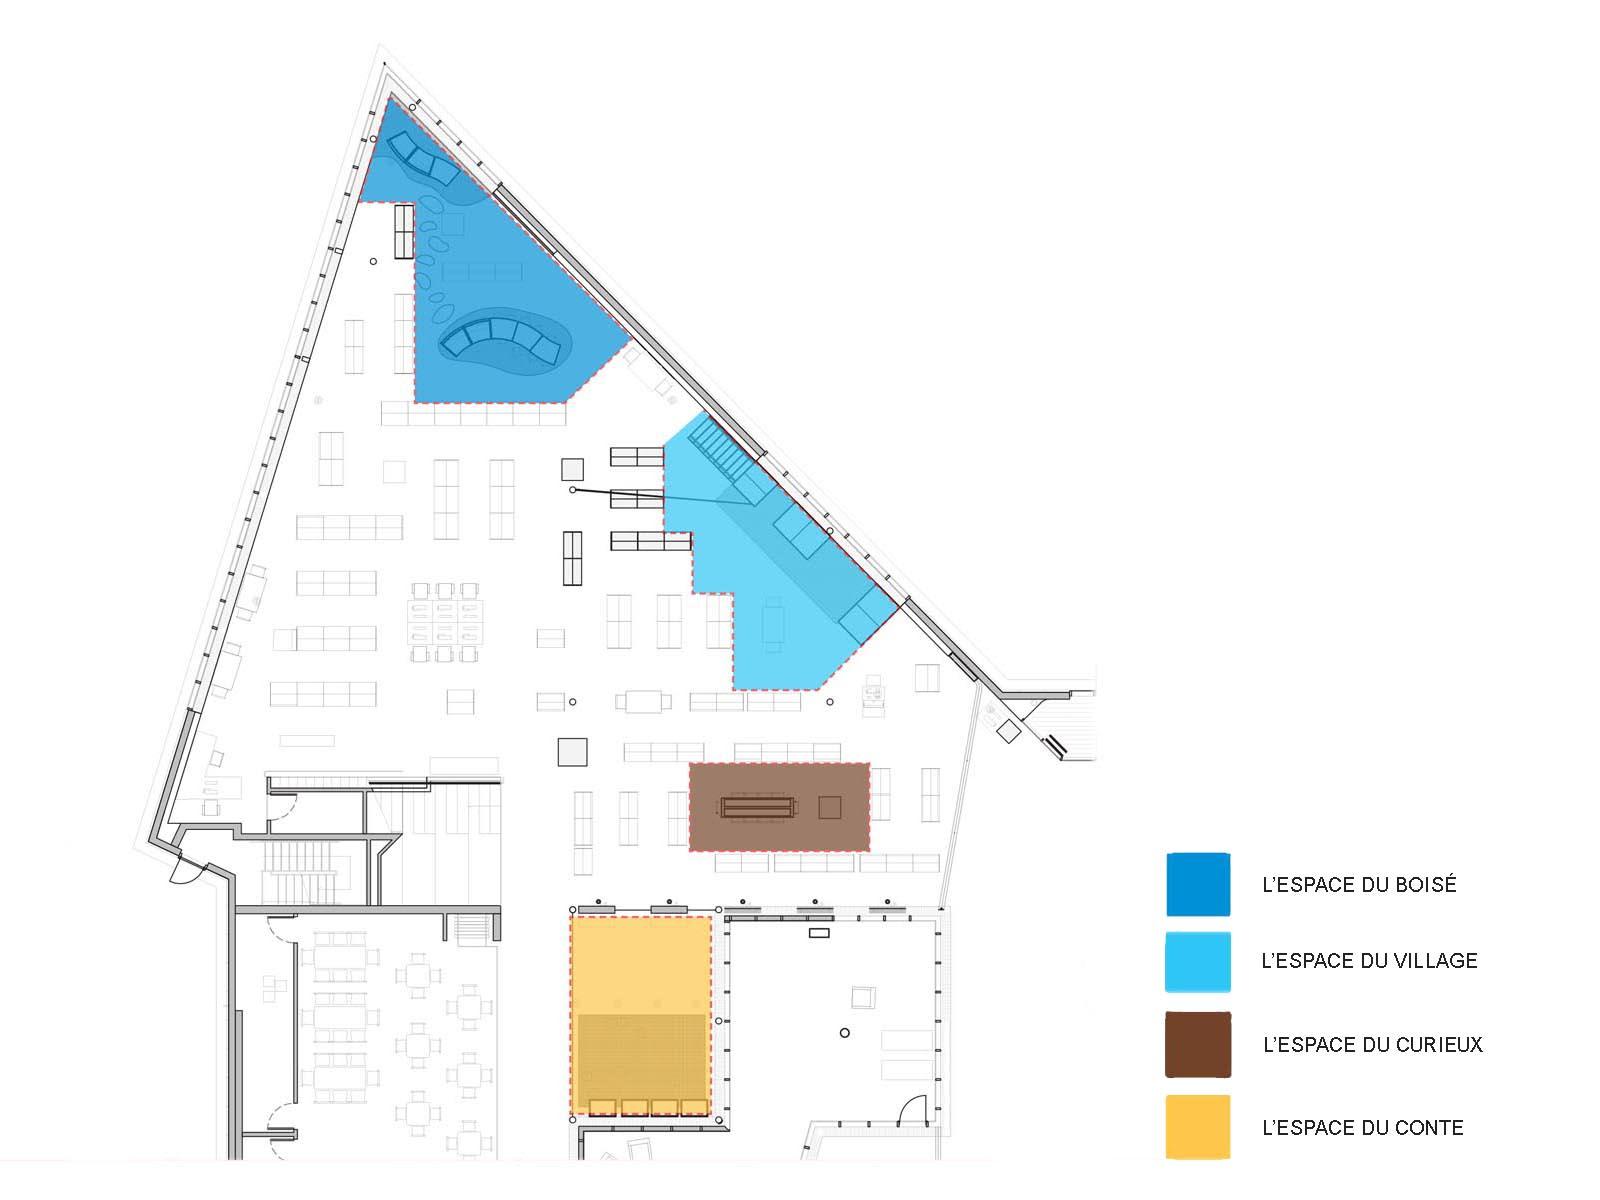 Plan d'aménagement du parcours ludique à la bibliothèque de Pierrefonds